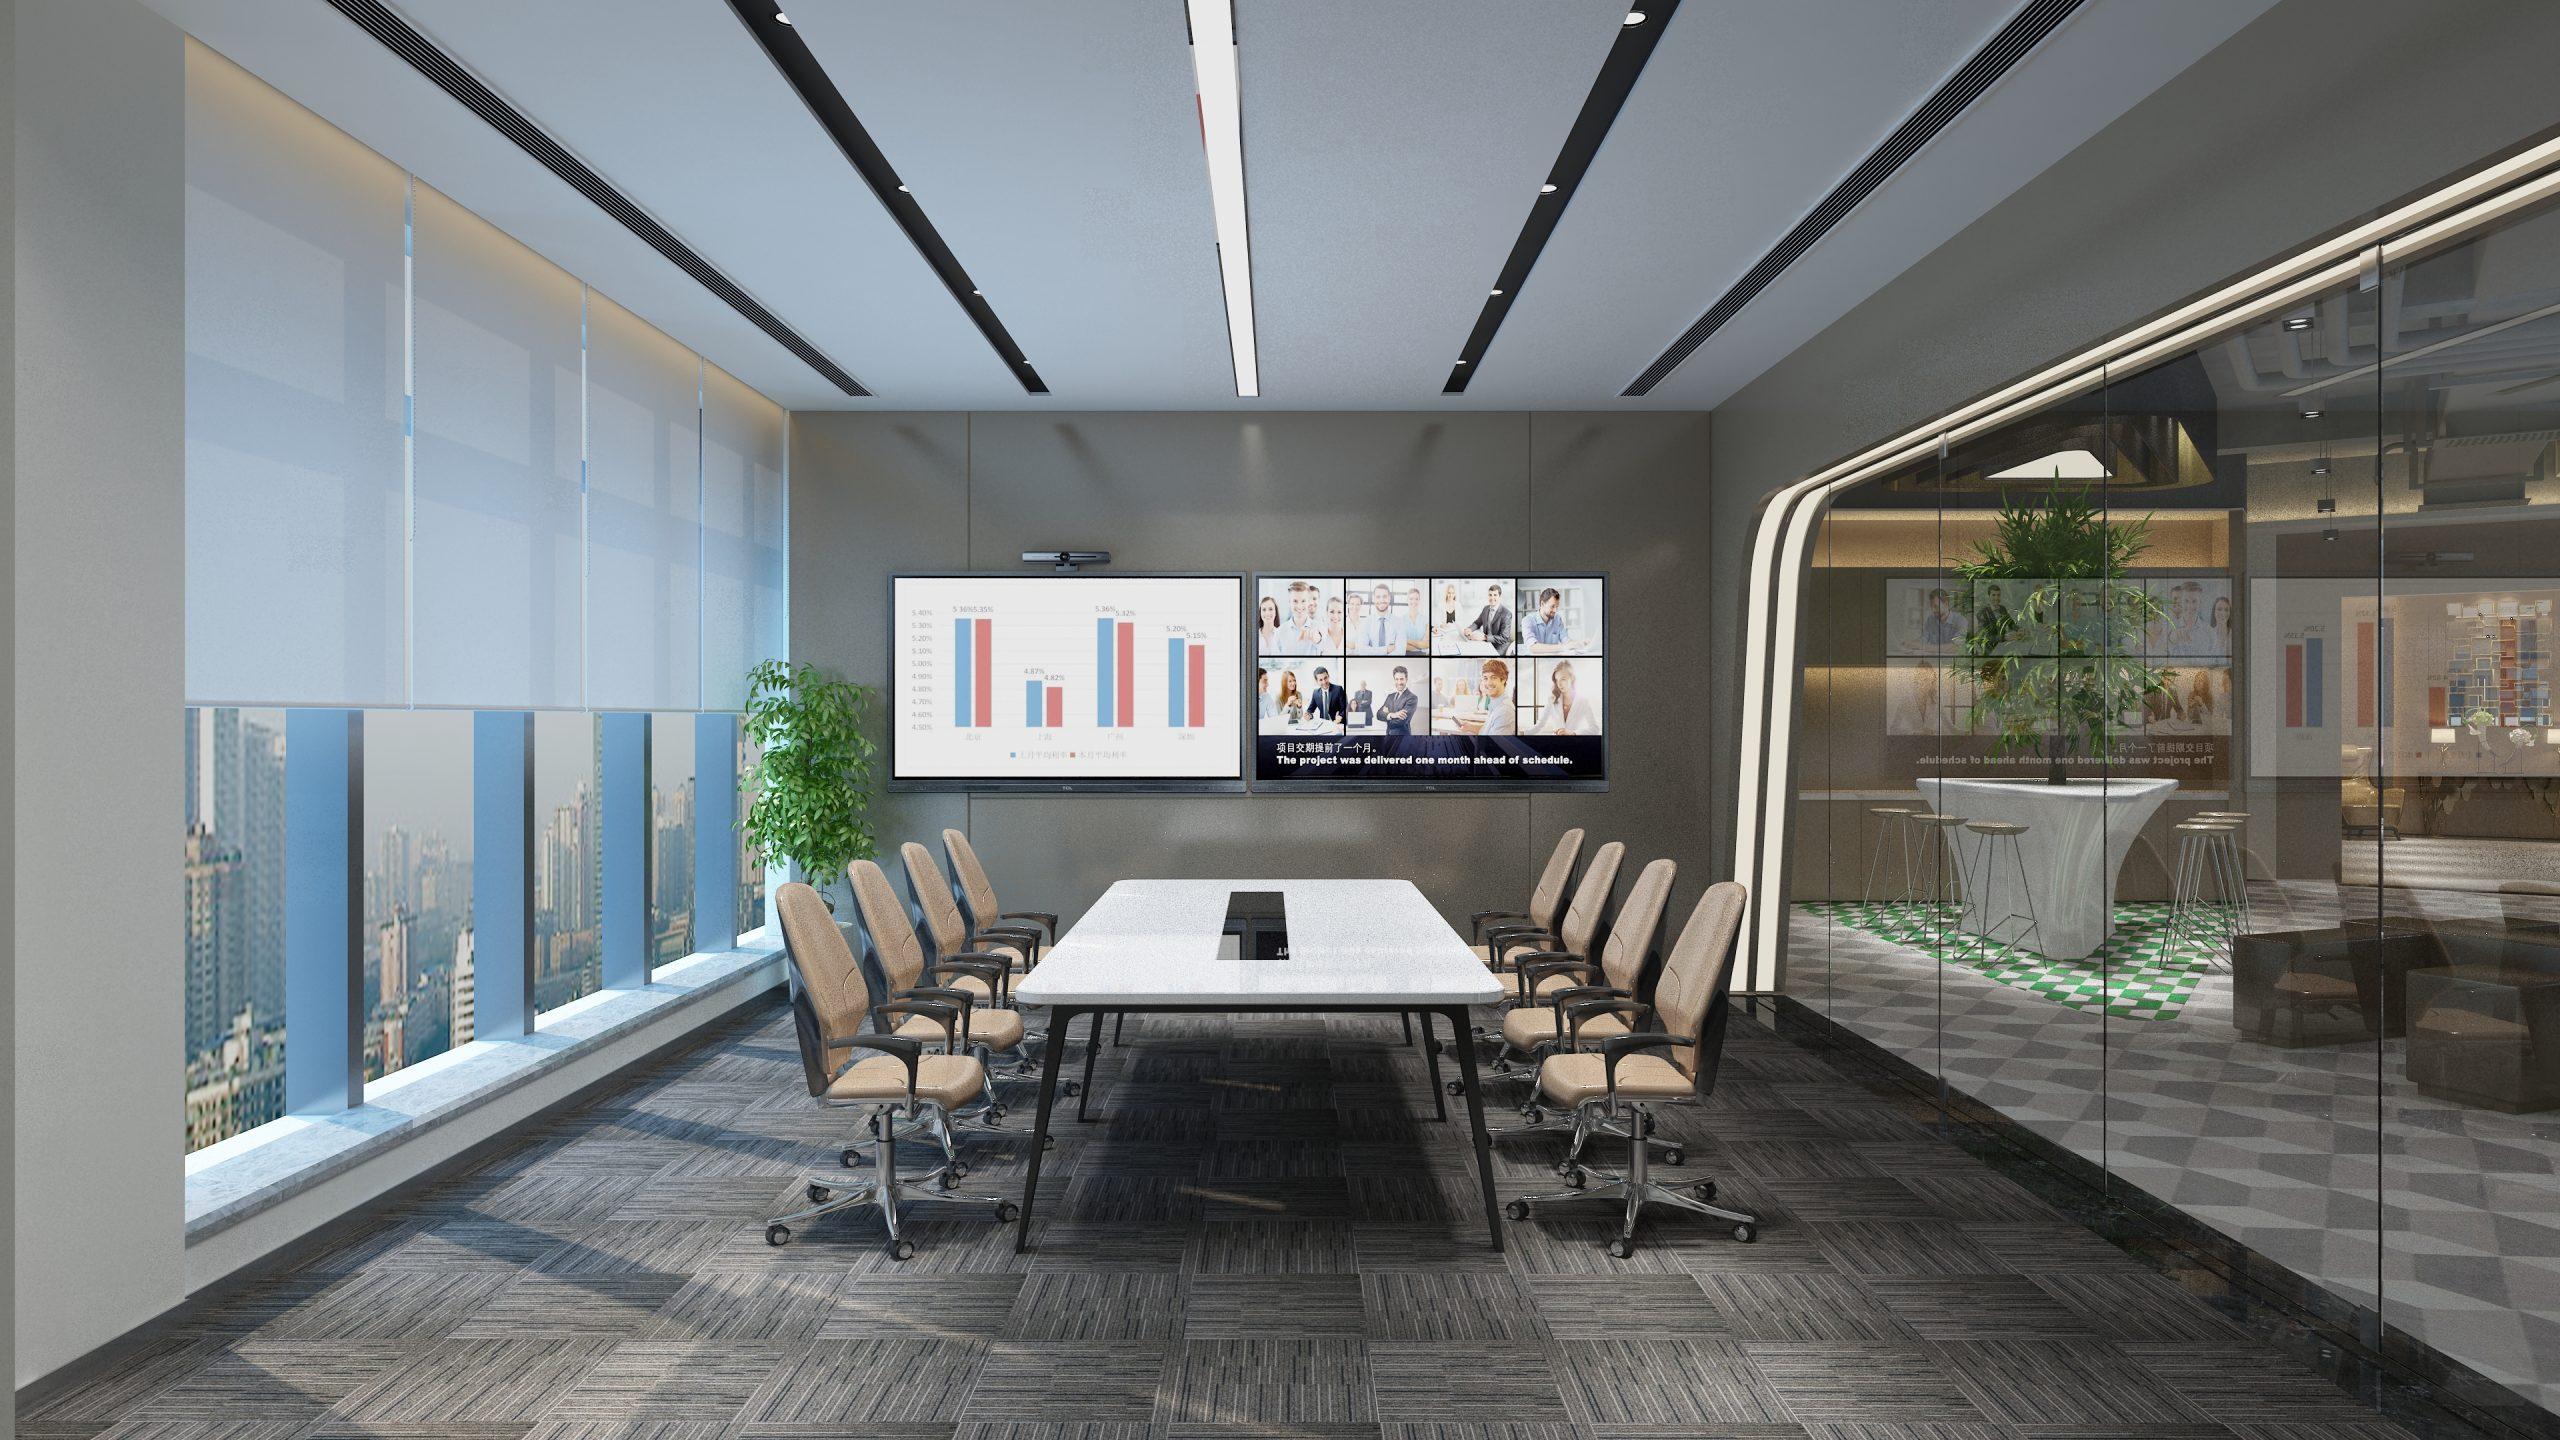 图片包含 室内, 天花板, 建筑, 房间  描述已自动生成